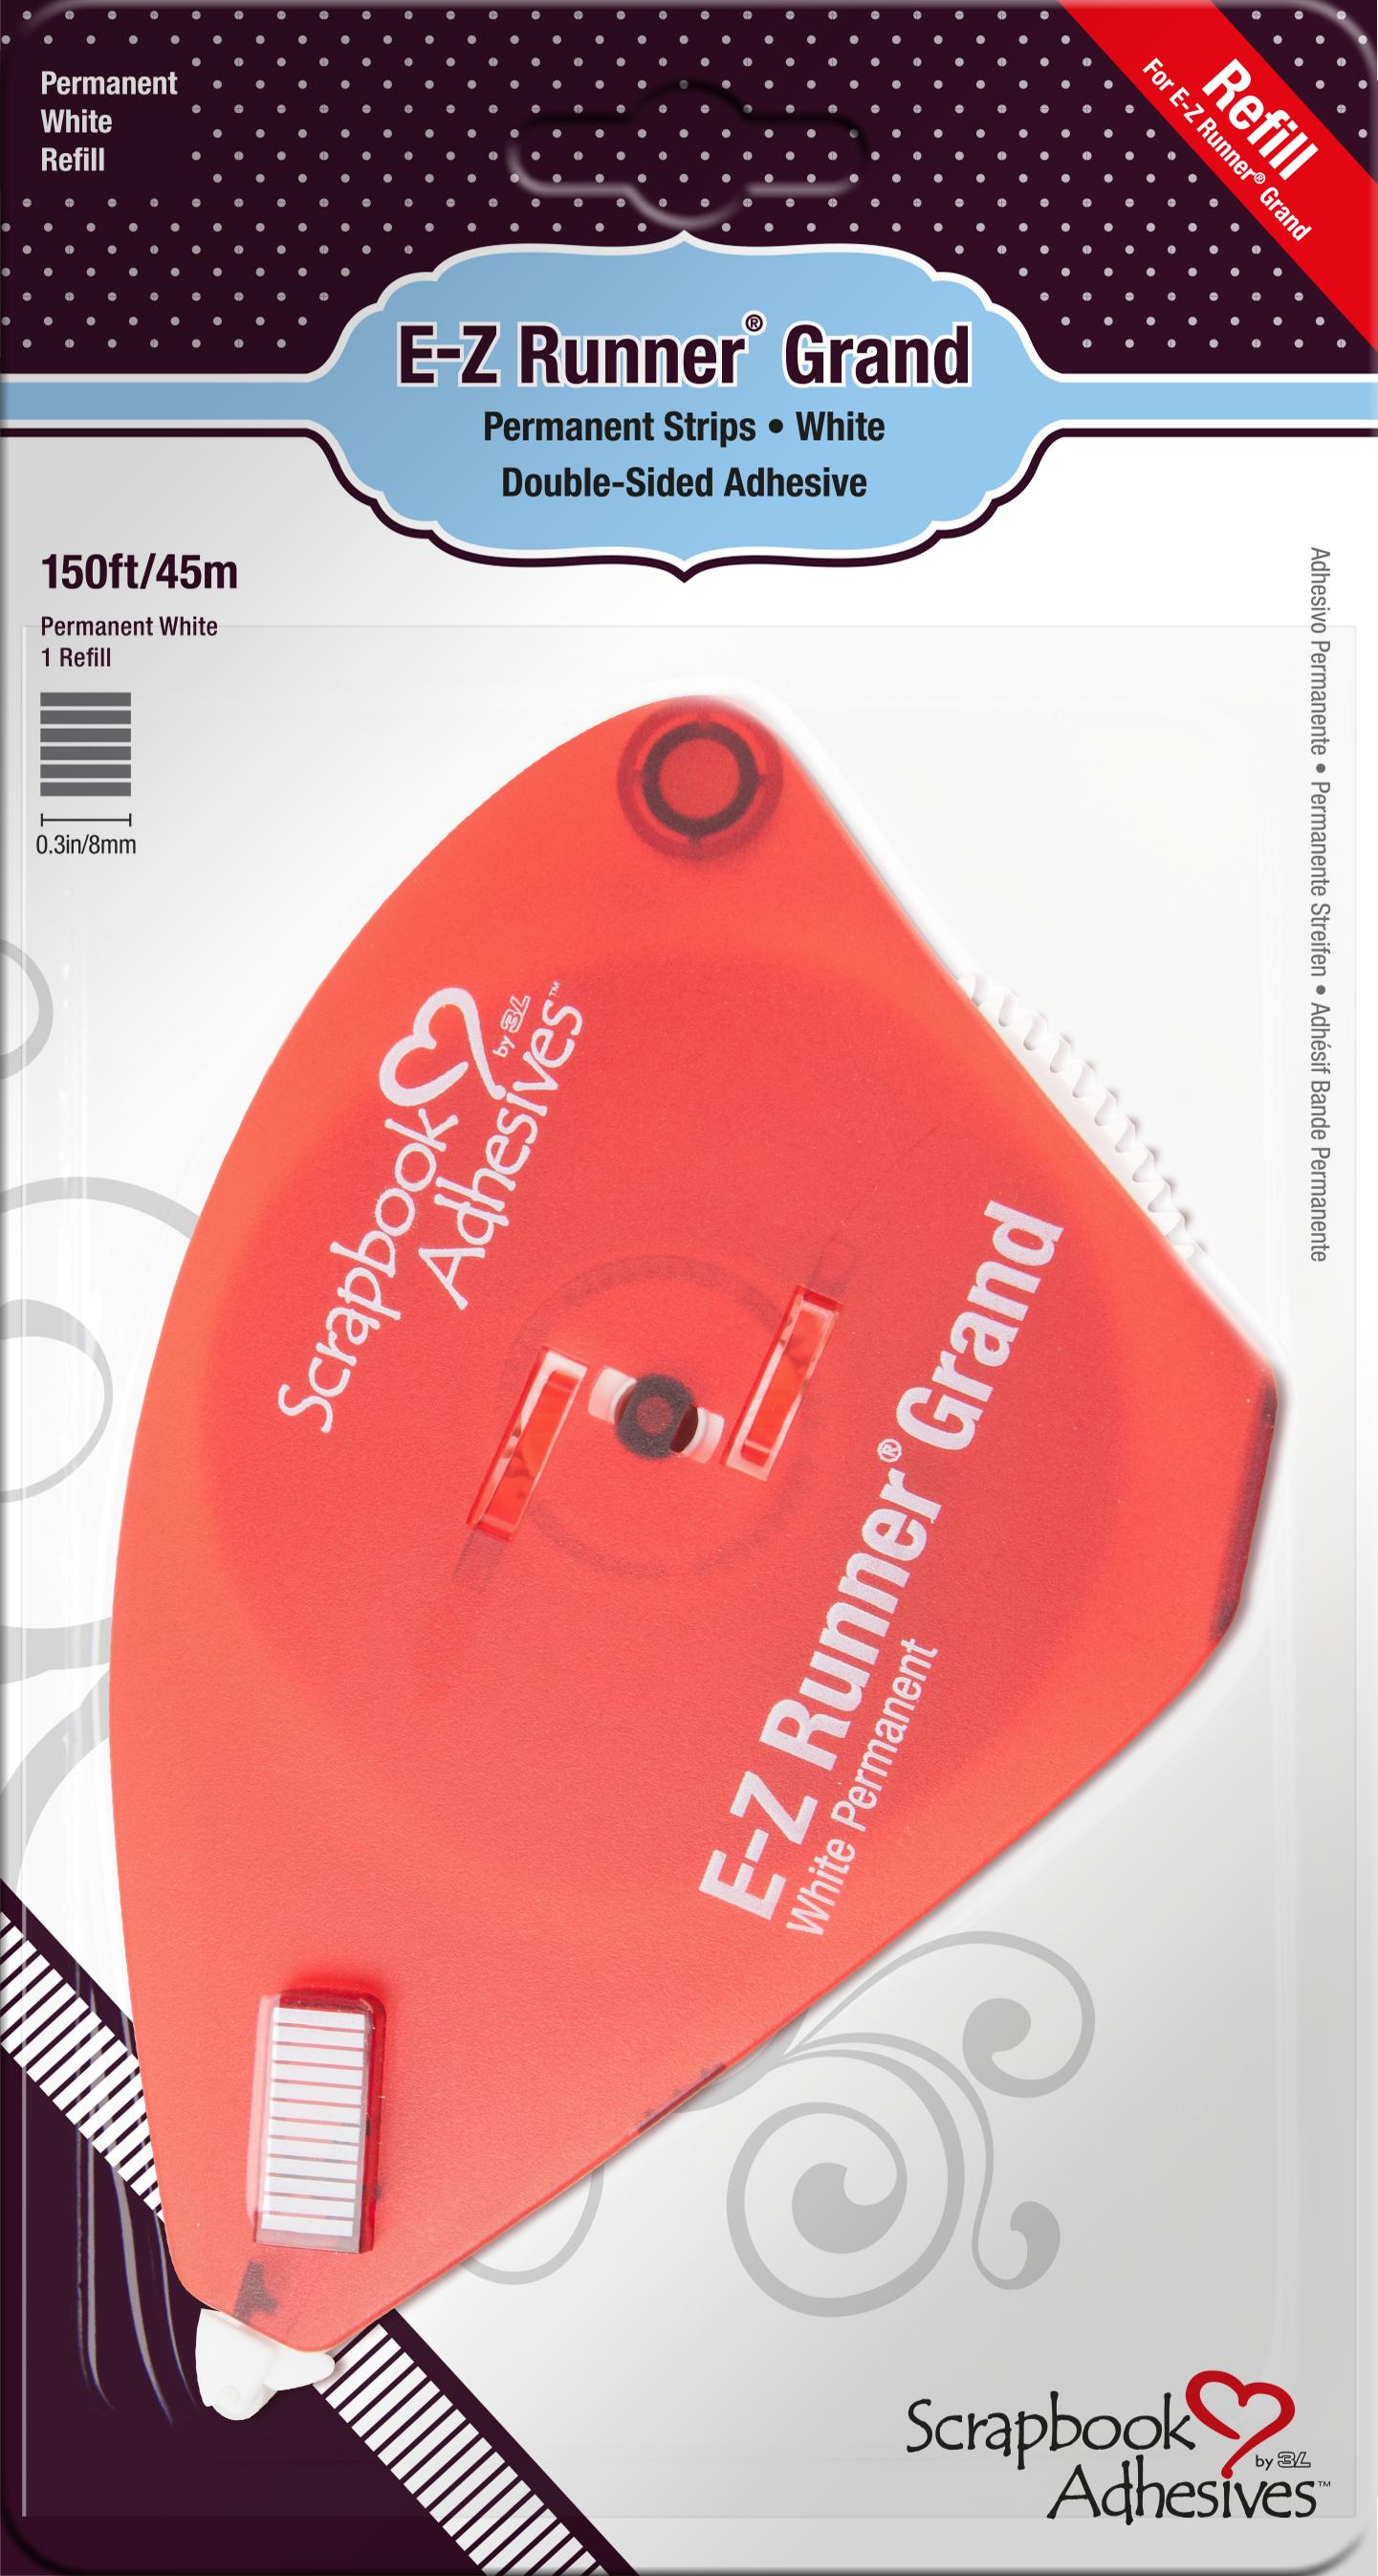 E-Z Runner Grand Permanent Strips - Refill, 150'/45m